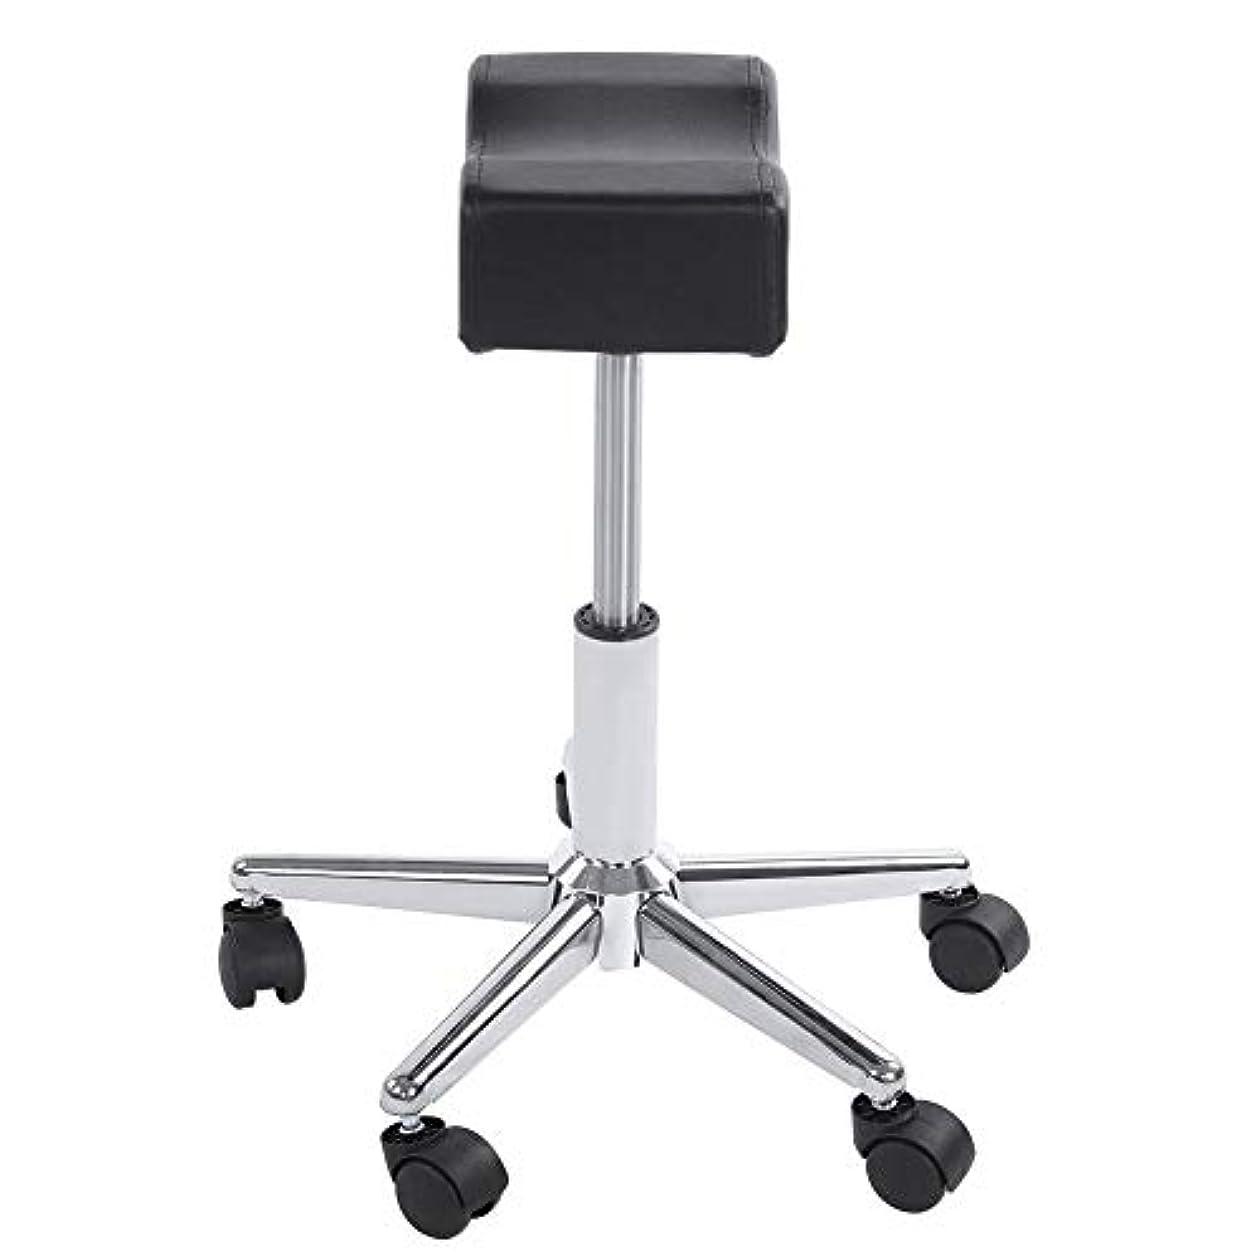 内なる起きるオーナー調節可能な椅子、高さ調節可能なローリングチェアホーム用可動ホイール付きの快適なシートクッションスツール